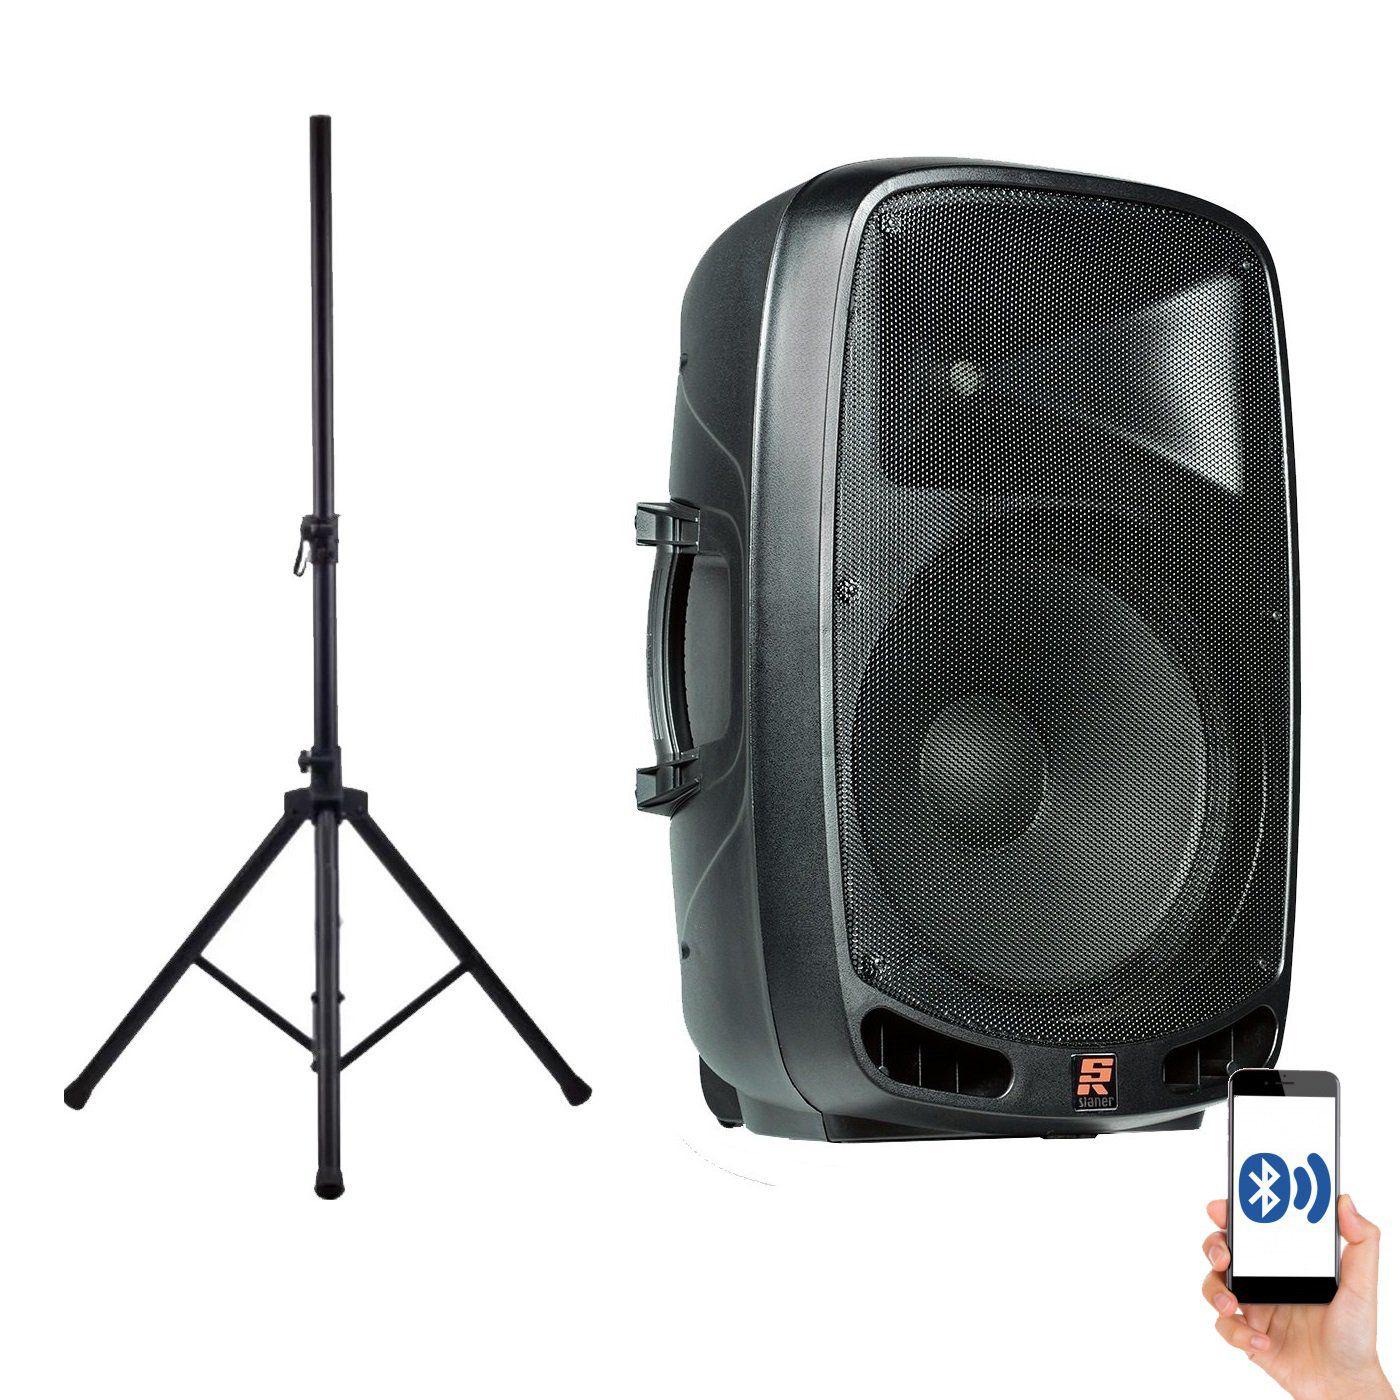 Caixa De Som Ativa Staner Bluetooth Ps1501 200W + Tripe